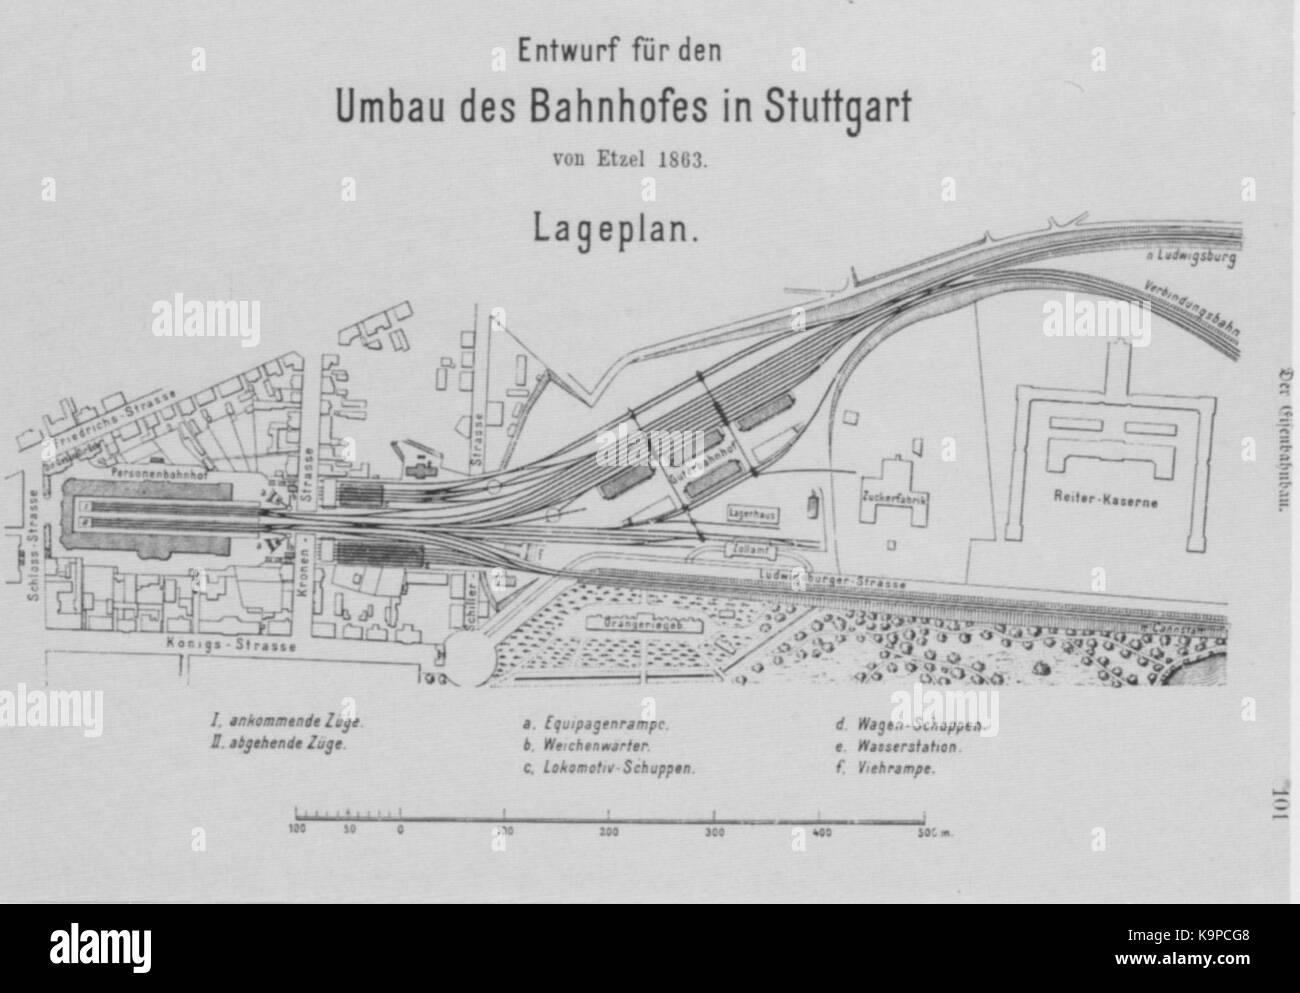 Planskizze alter Bahnhof Stuttgart 1863 Stock Photo: 160918024 - Alamy